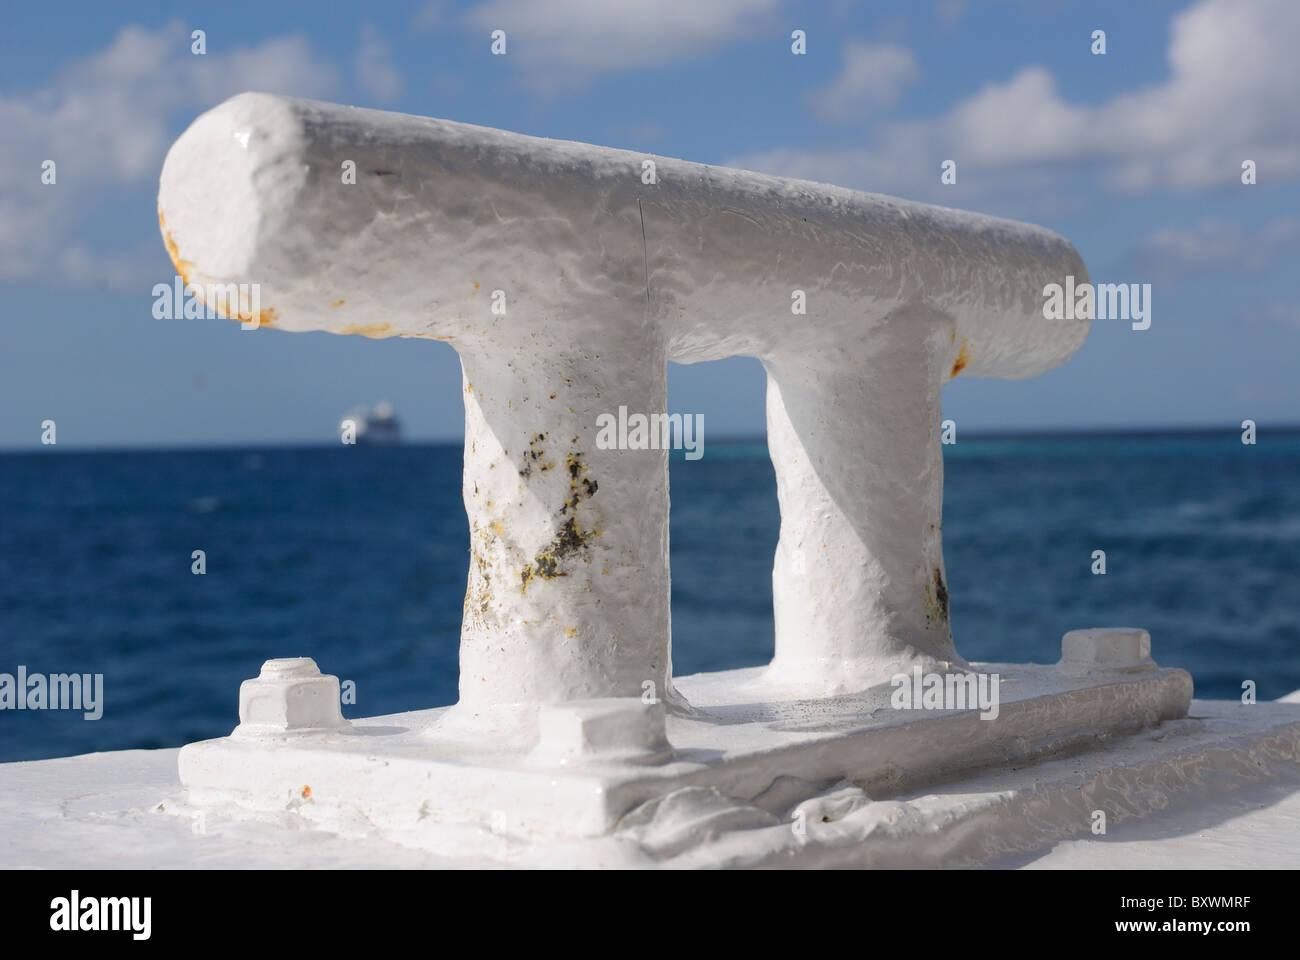 Una mordaza para fijar la cuerda en un barco Imagen De Stock